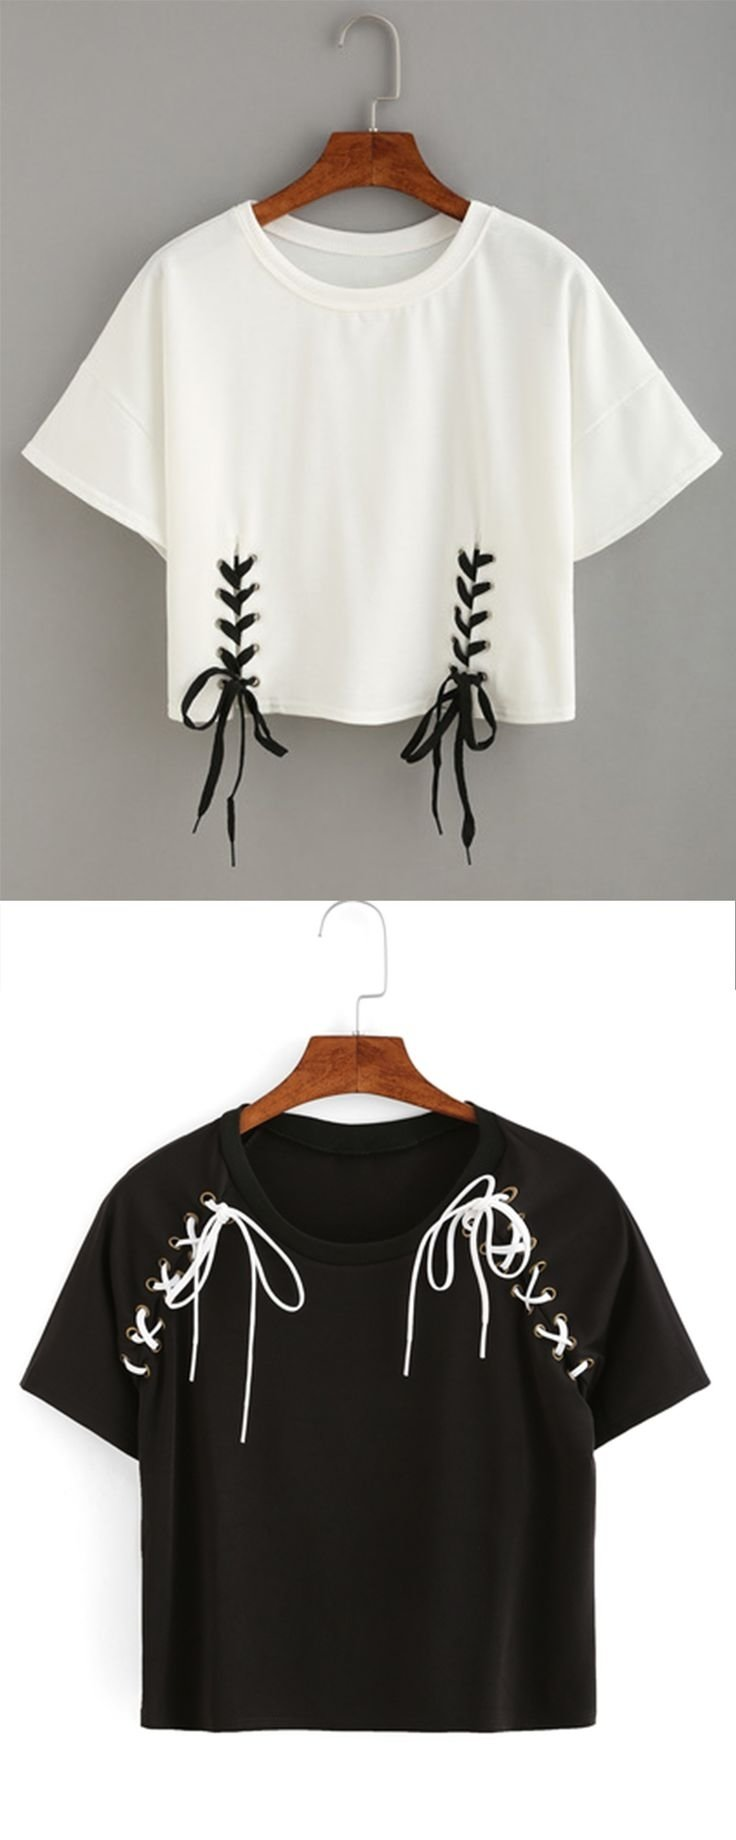 10 Gorgeous Diy T Shirt Design Ideas best 25 t shirt cutting ideas on pinterest diy t shirt cutting 2020